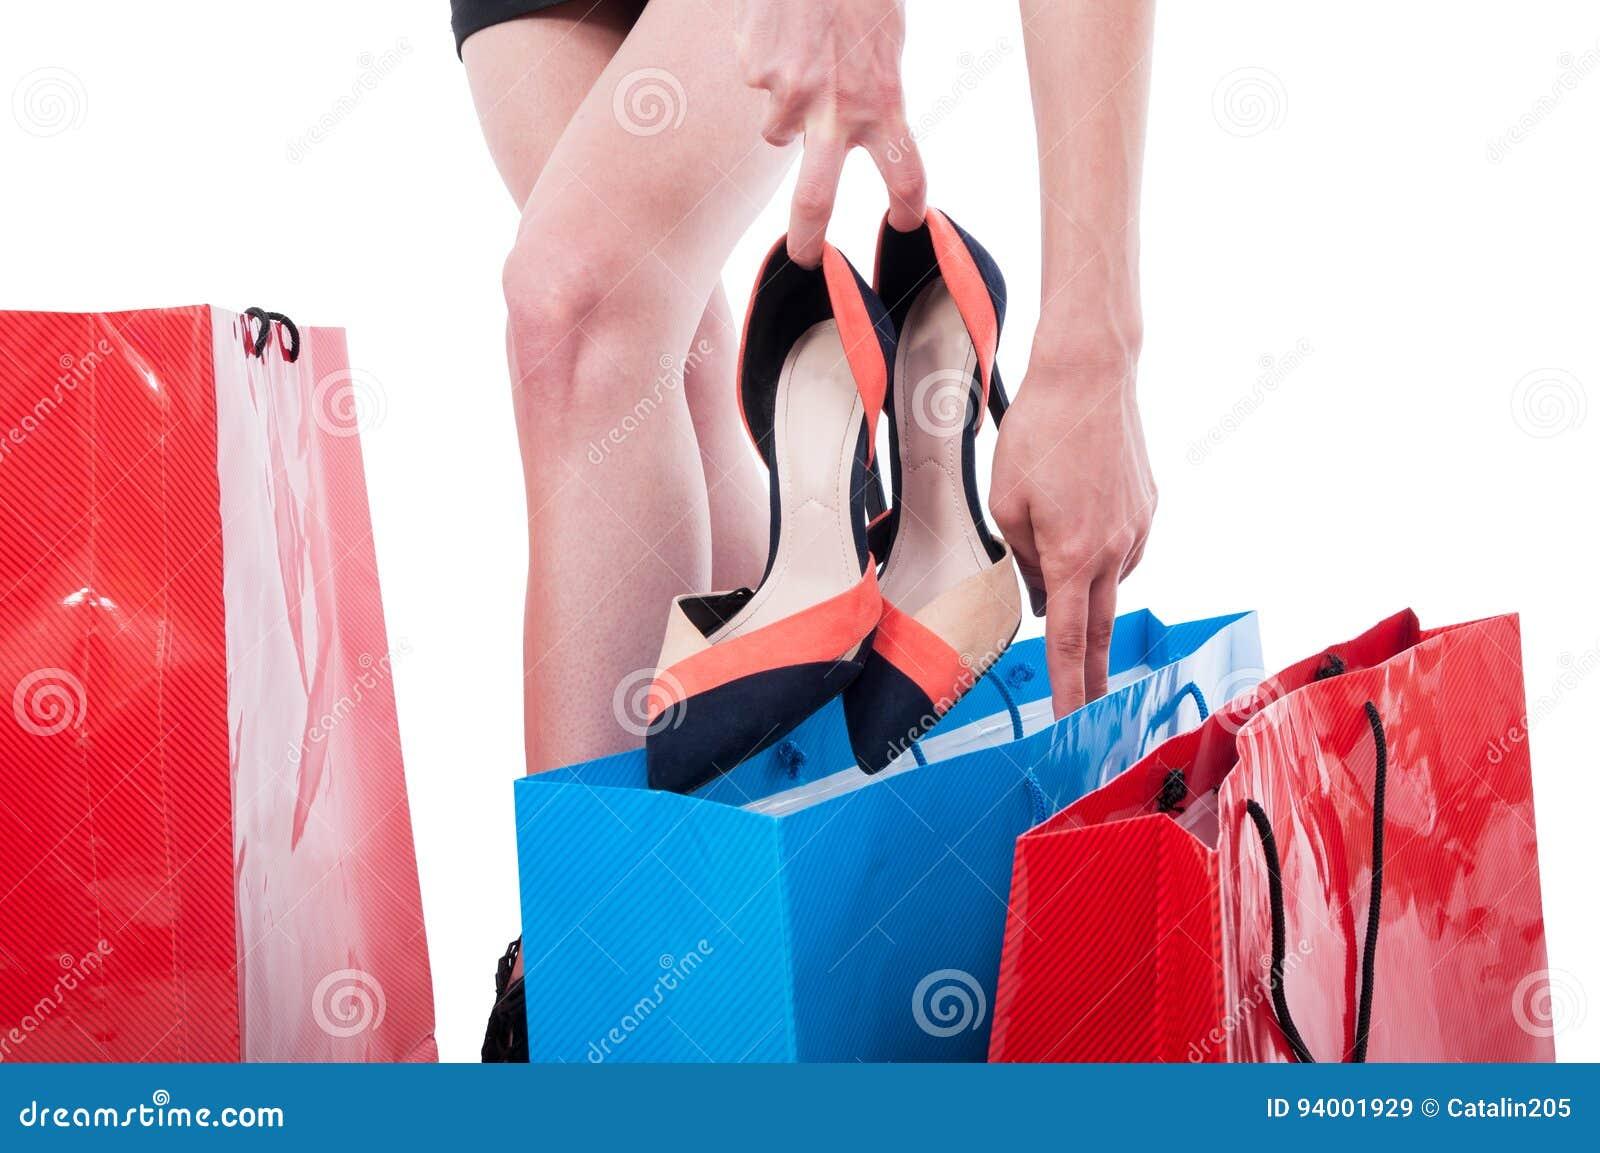 Young woman choosing shoes in a shoe store